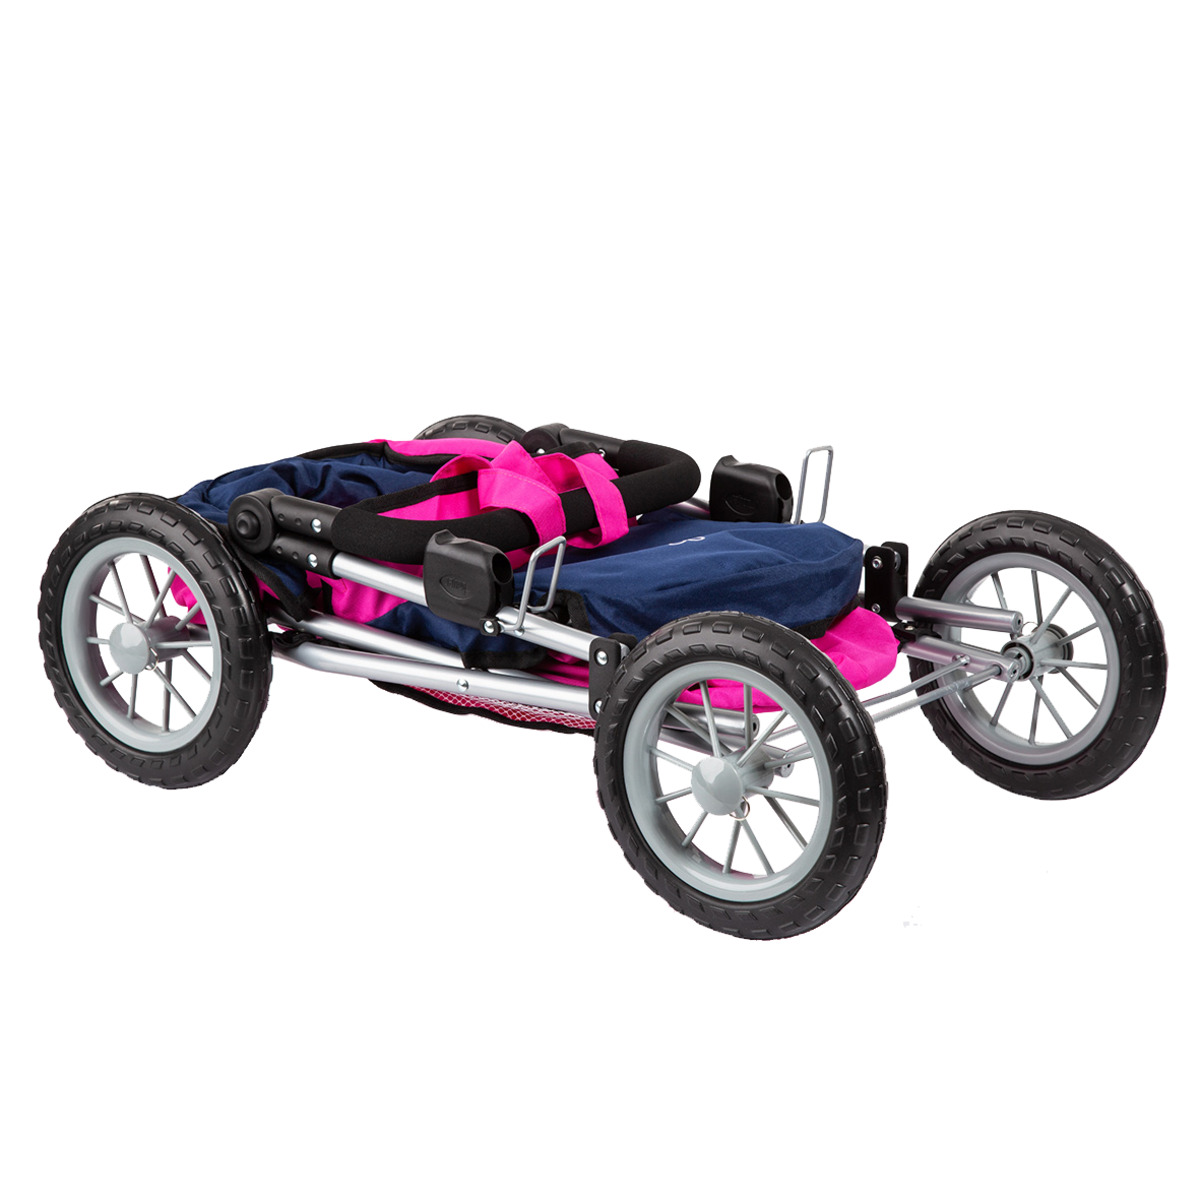 Bild 5 von Bayer Puppenwagen Trendy pink/blau